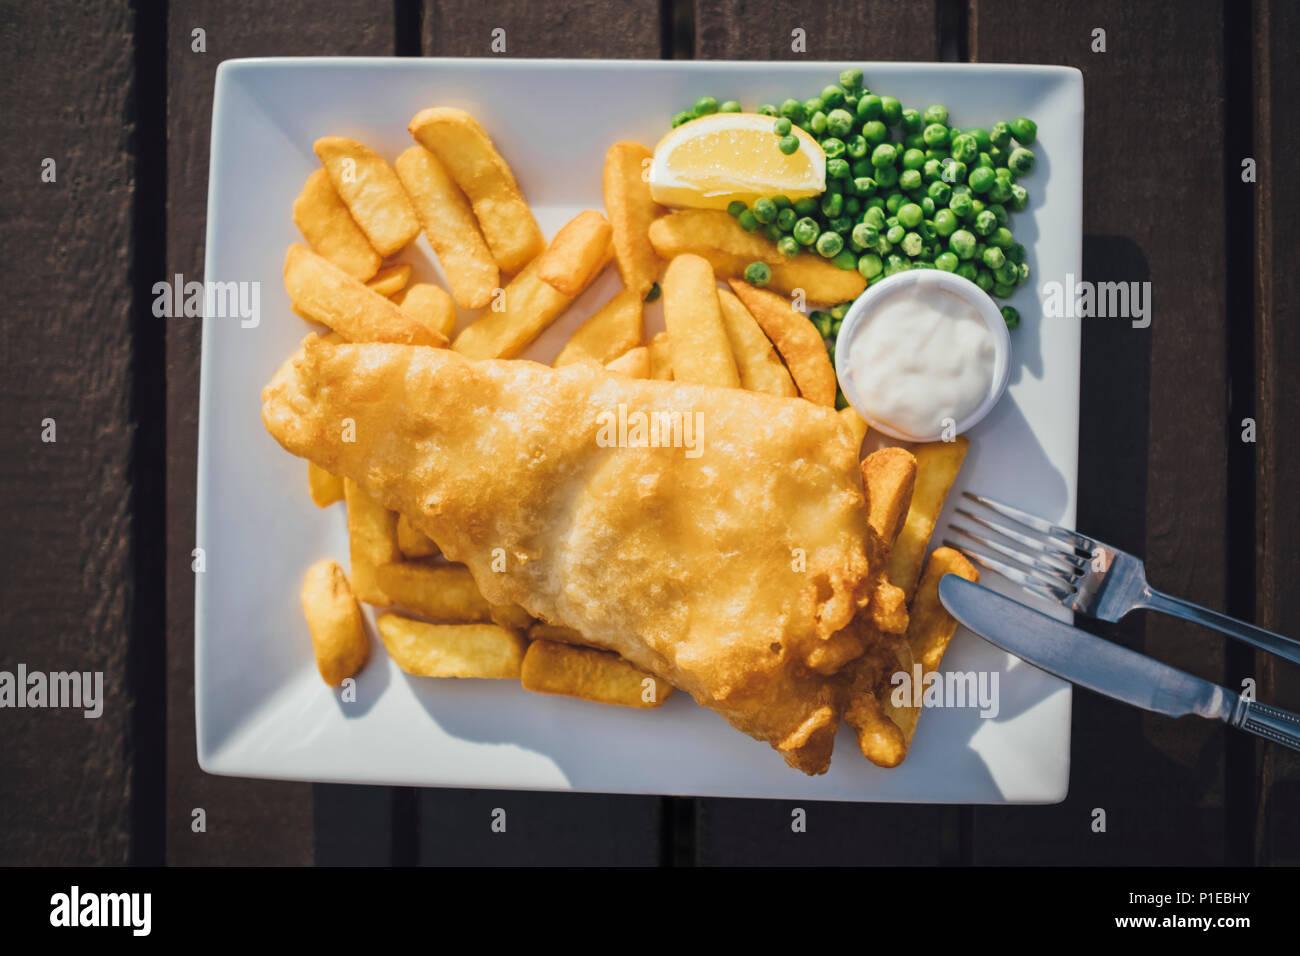 Fisch und Chips, typisch britische Mittagessen, Restaurant am Strand, Brighton, England Stockbild